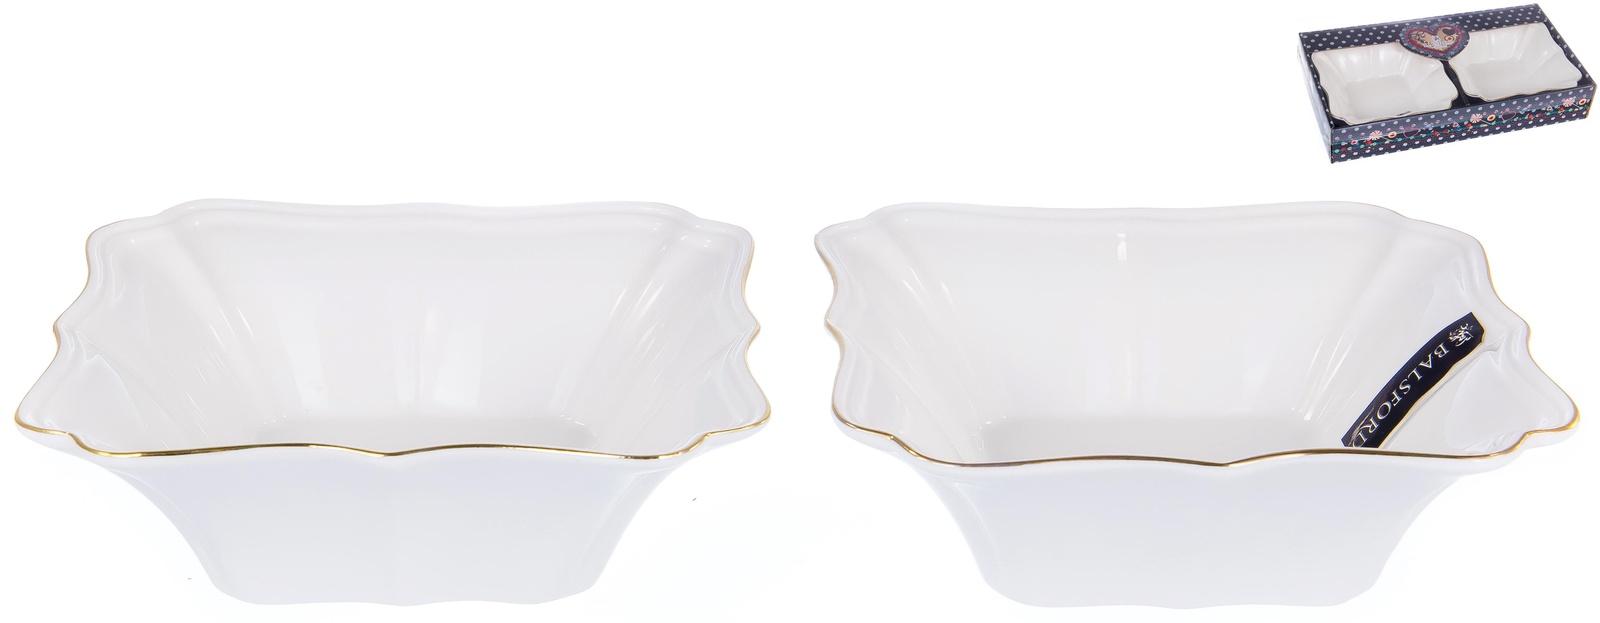 Набор 2 фигурных салатника размером 16см, ГРАЦИЯ, NEW BONE CHINAа NEW BONE CHINA, декор белый с золотом, подарочная упаковка с окном и бантом, ТМ Balsford, 101-01048